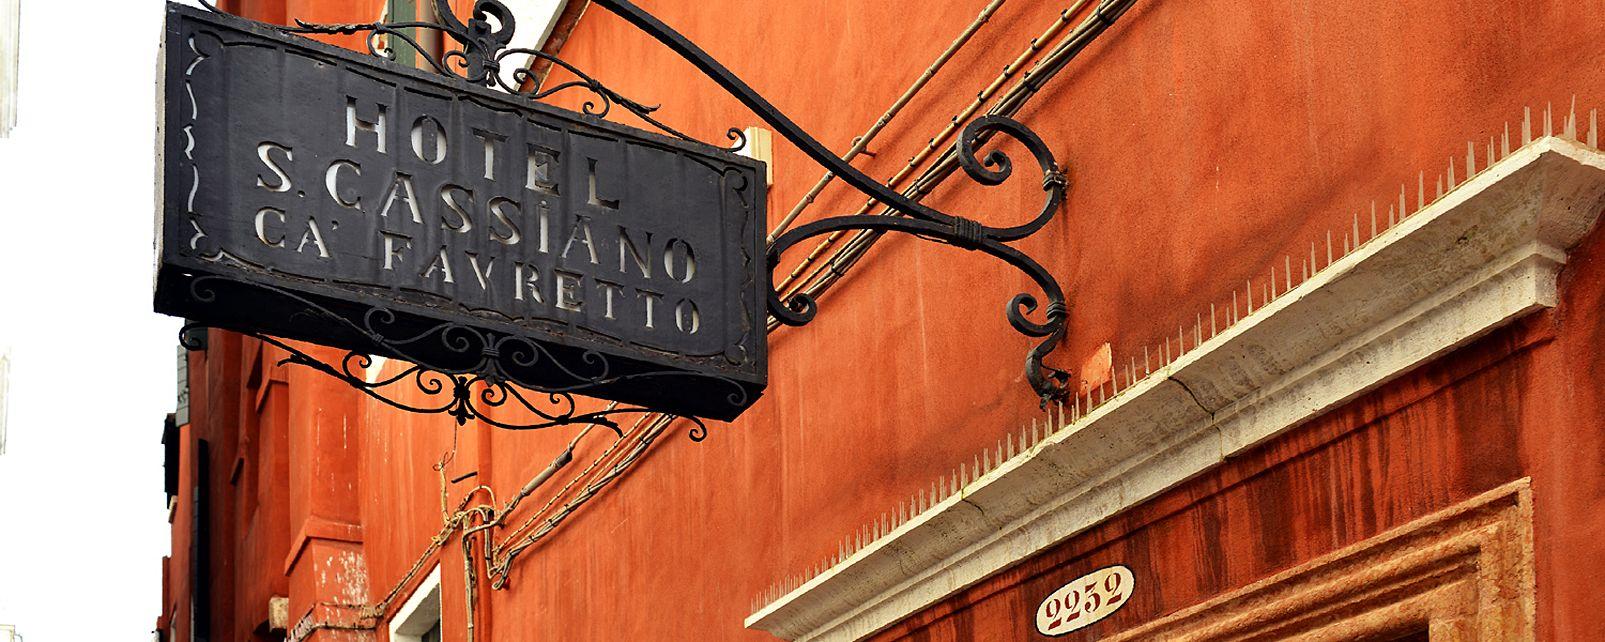 Hotel San Cassiano - Ca' Favretto